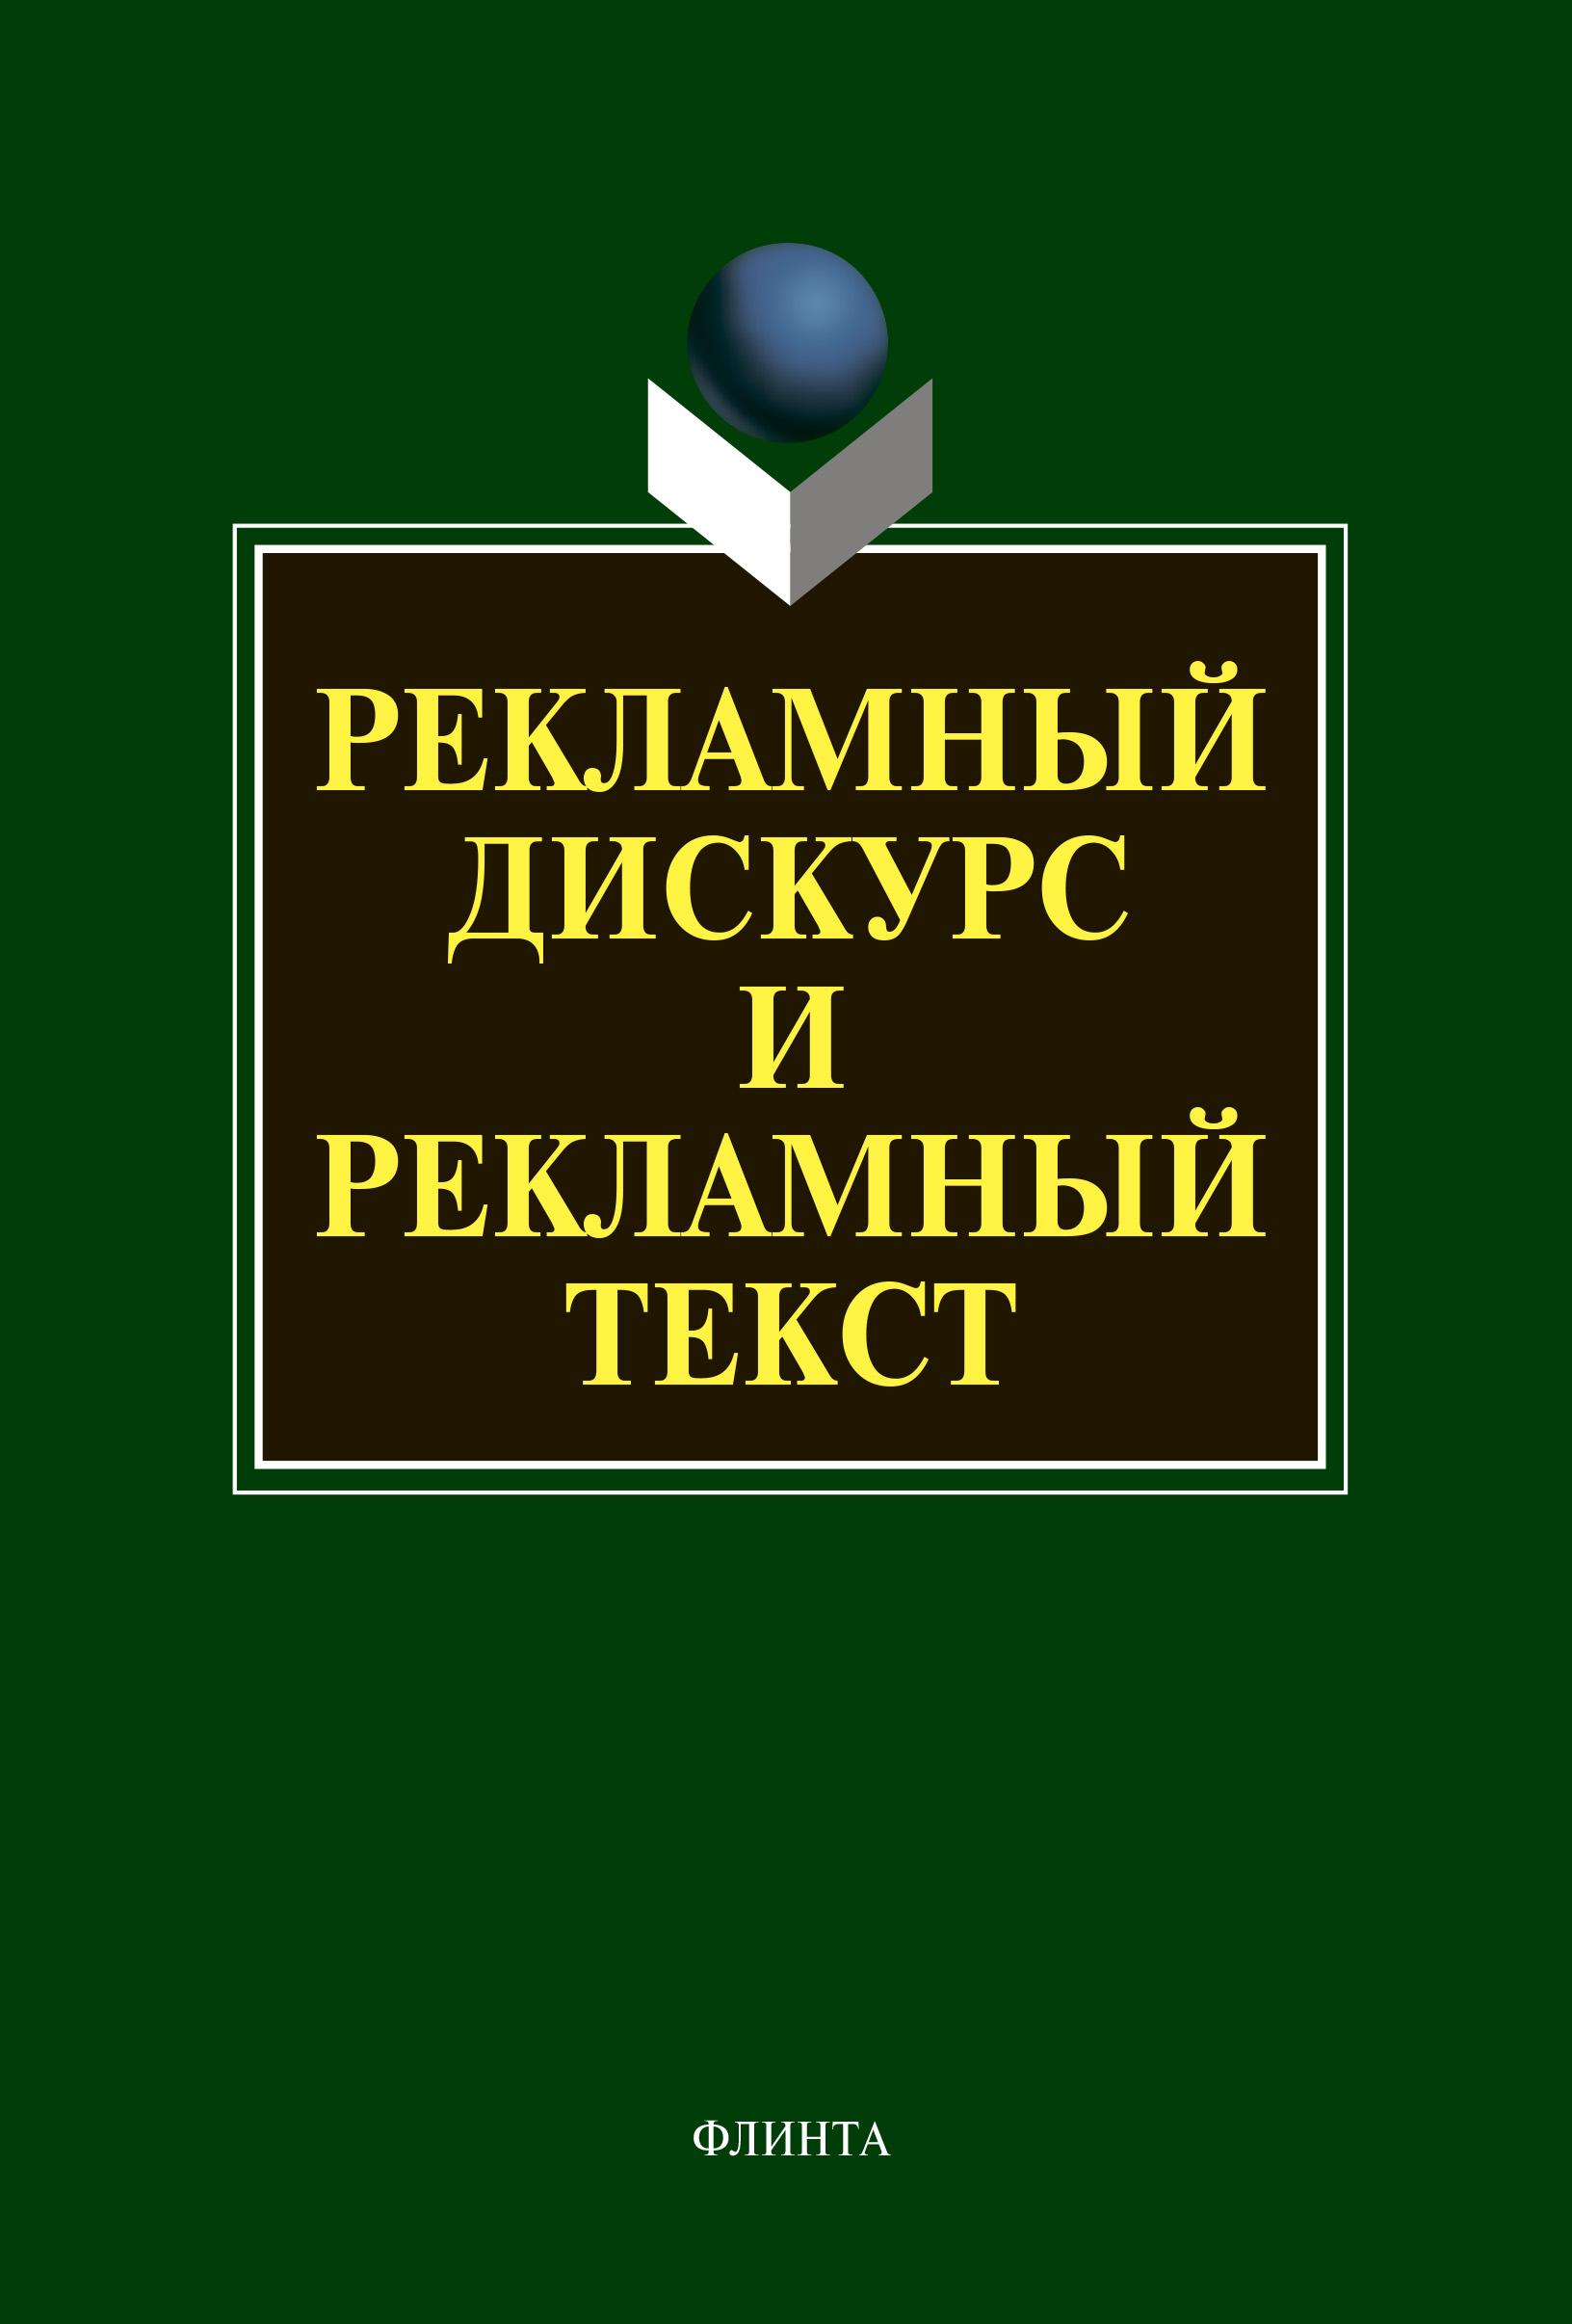 Коллектив авторов Рекламный дискурс и рекламный текст предвыборный дискурс